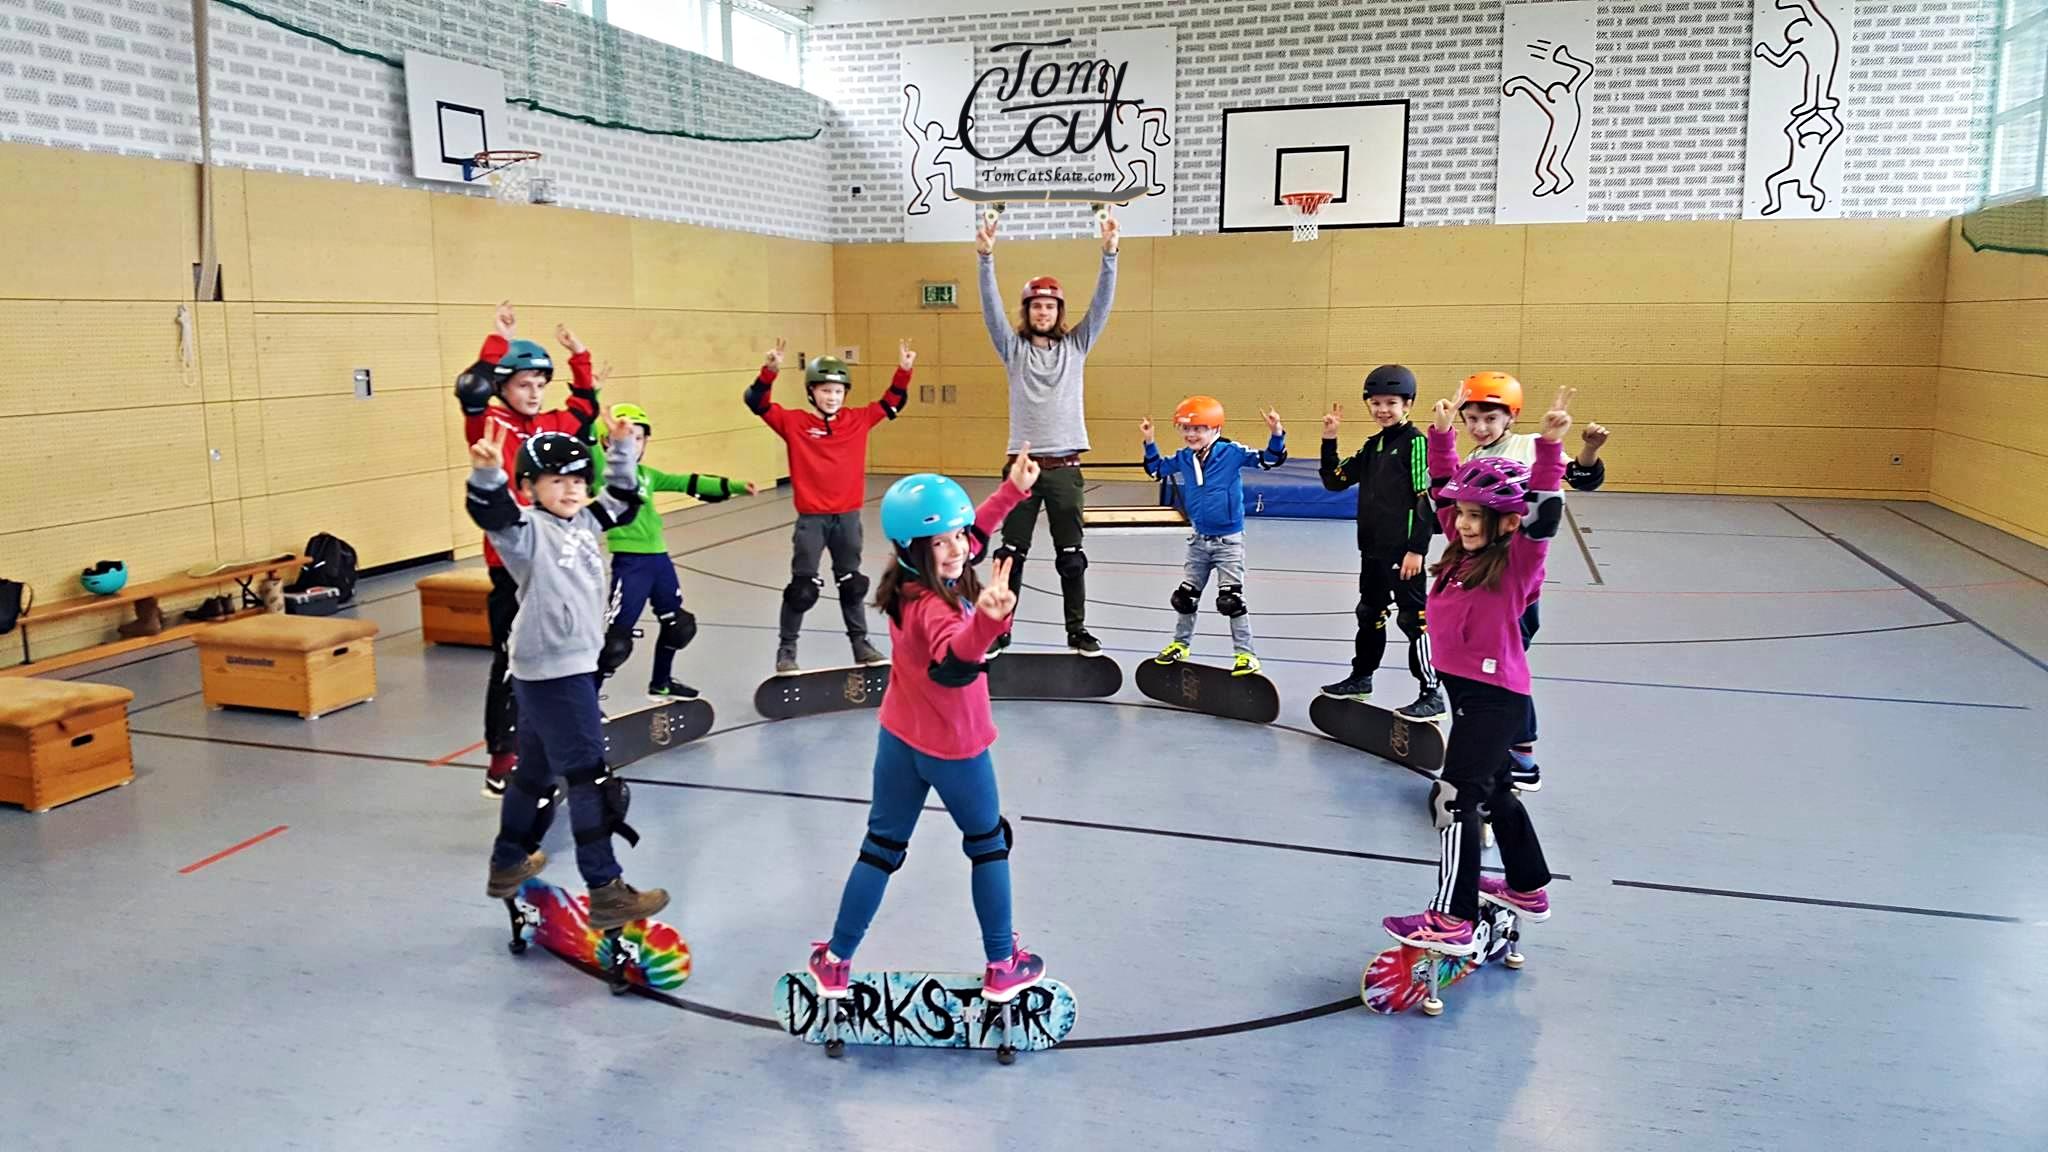 Skatekurse Landsberg München Tom Cat Skateboard fahren lernen tomcatskate.com Skate.jpg